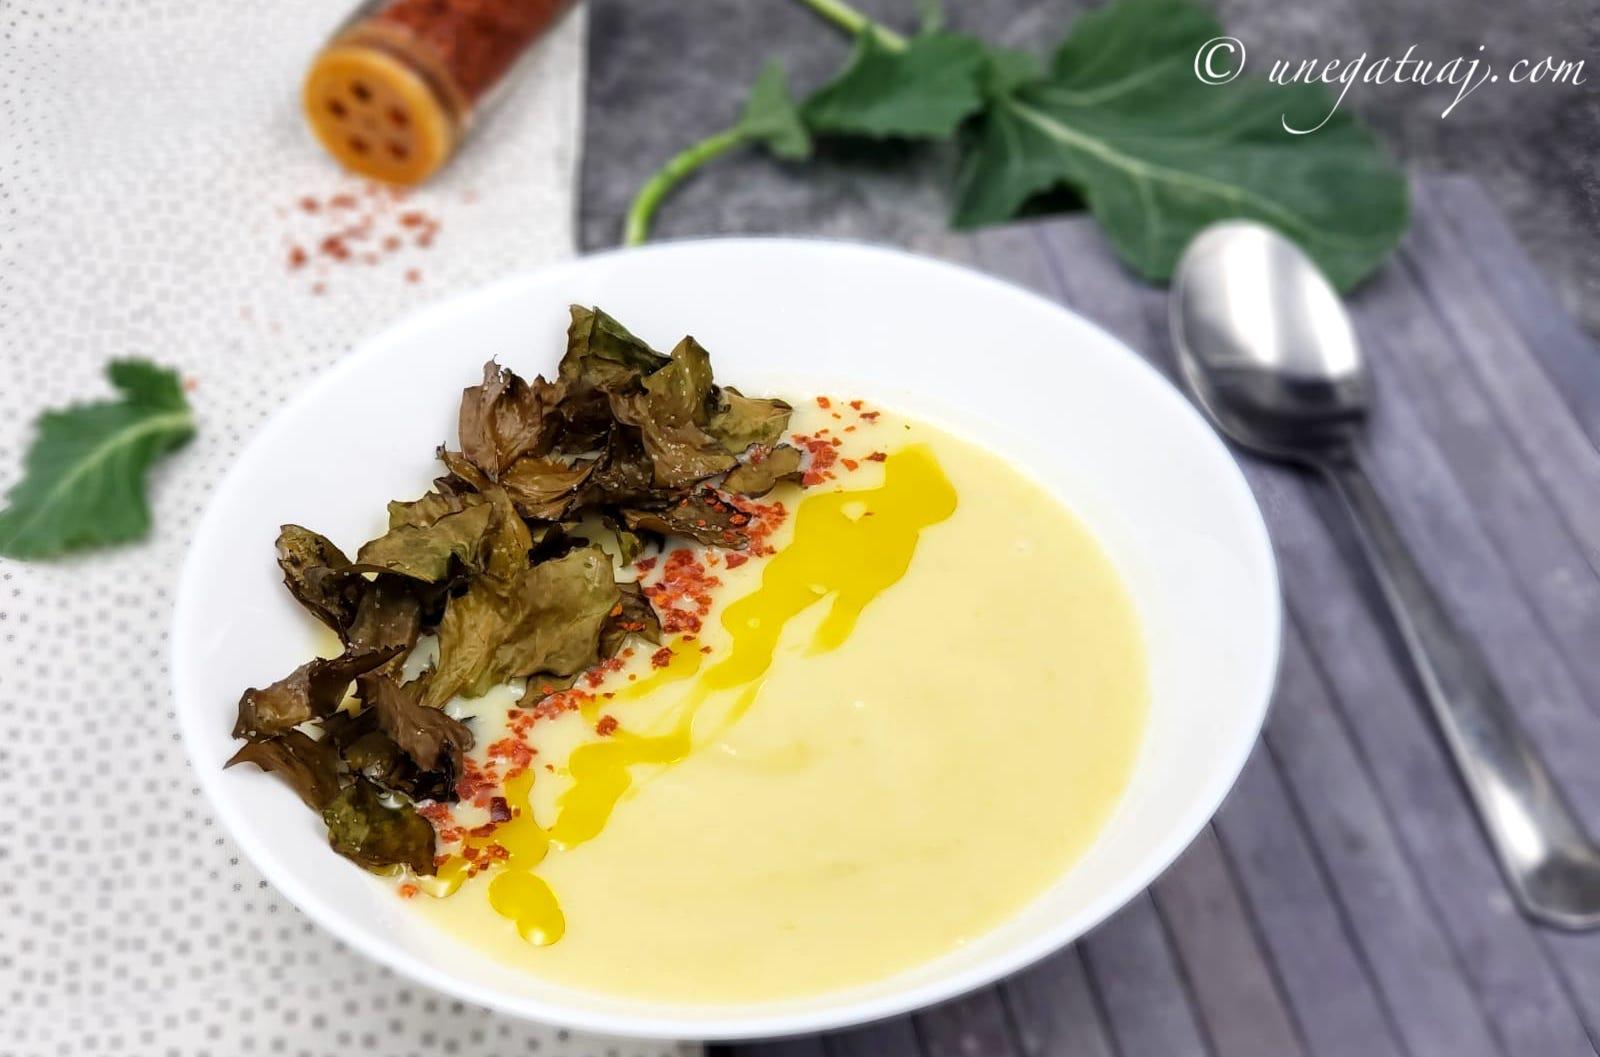 Supë krem me rrepë lakër (Kohlrabi)